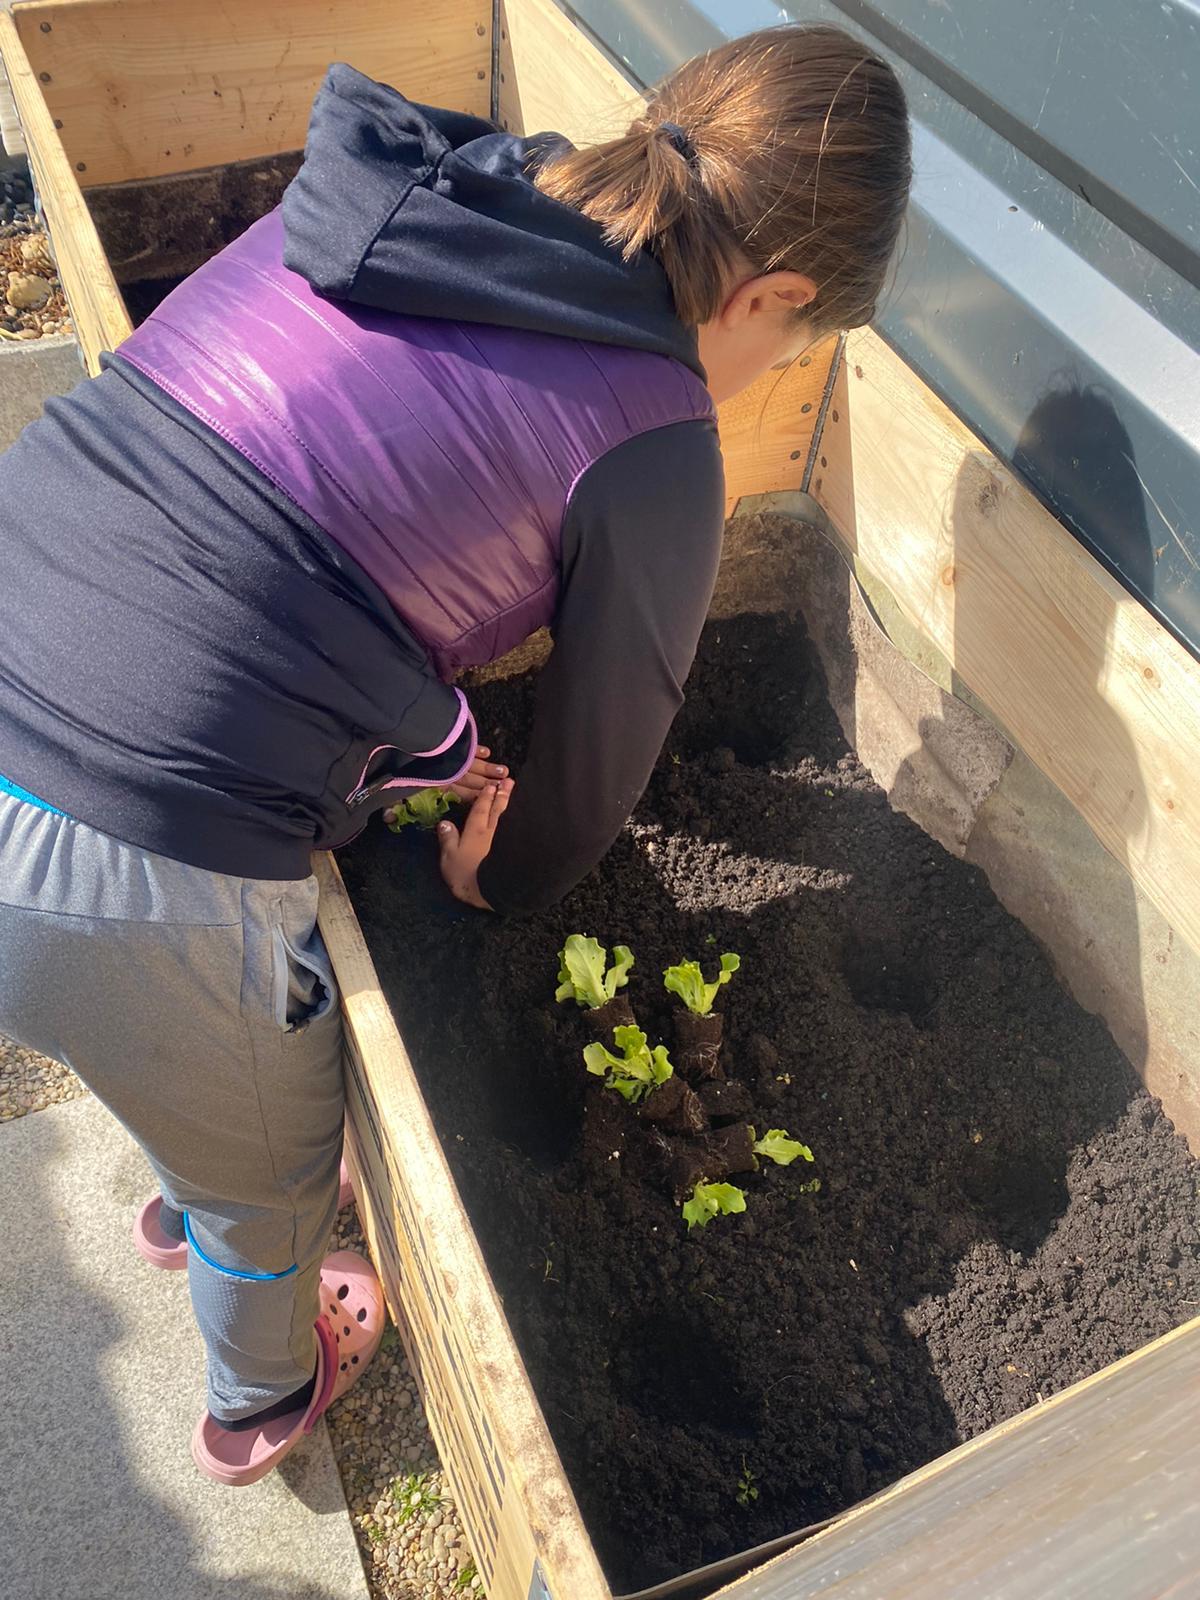 Lajla-Salatpflanzerl.jpeg